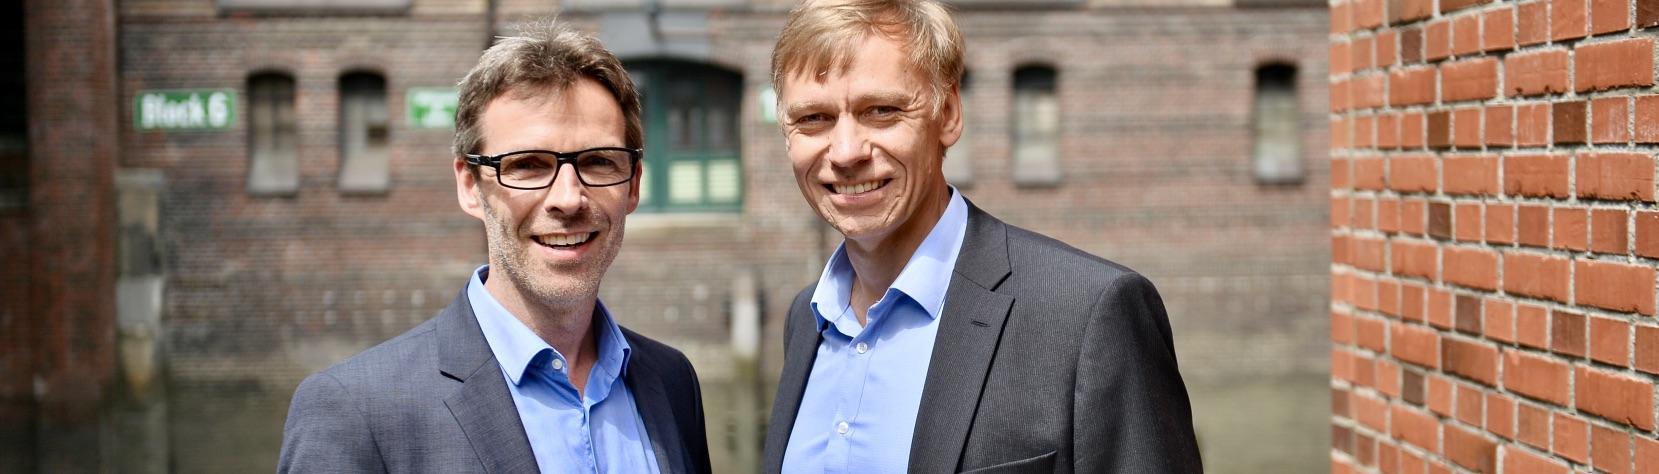 Jörg Schäffken und Jochen Schlicht - Partner von ProModerare